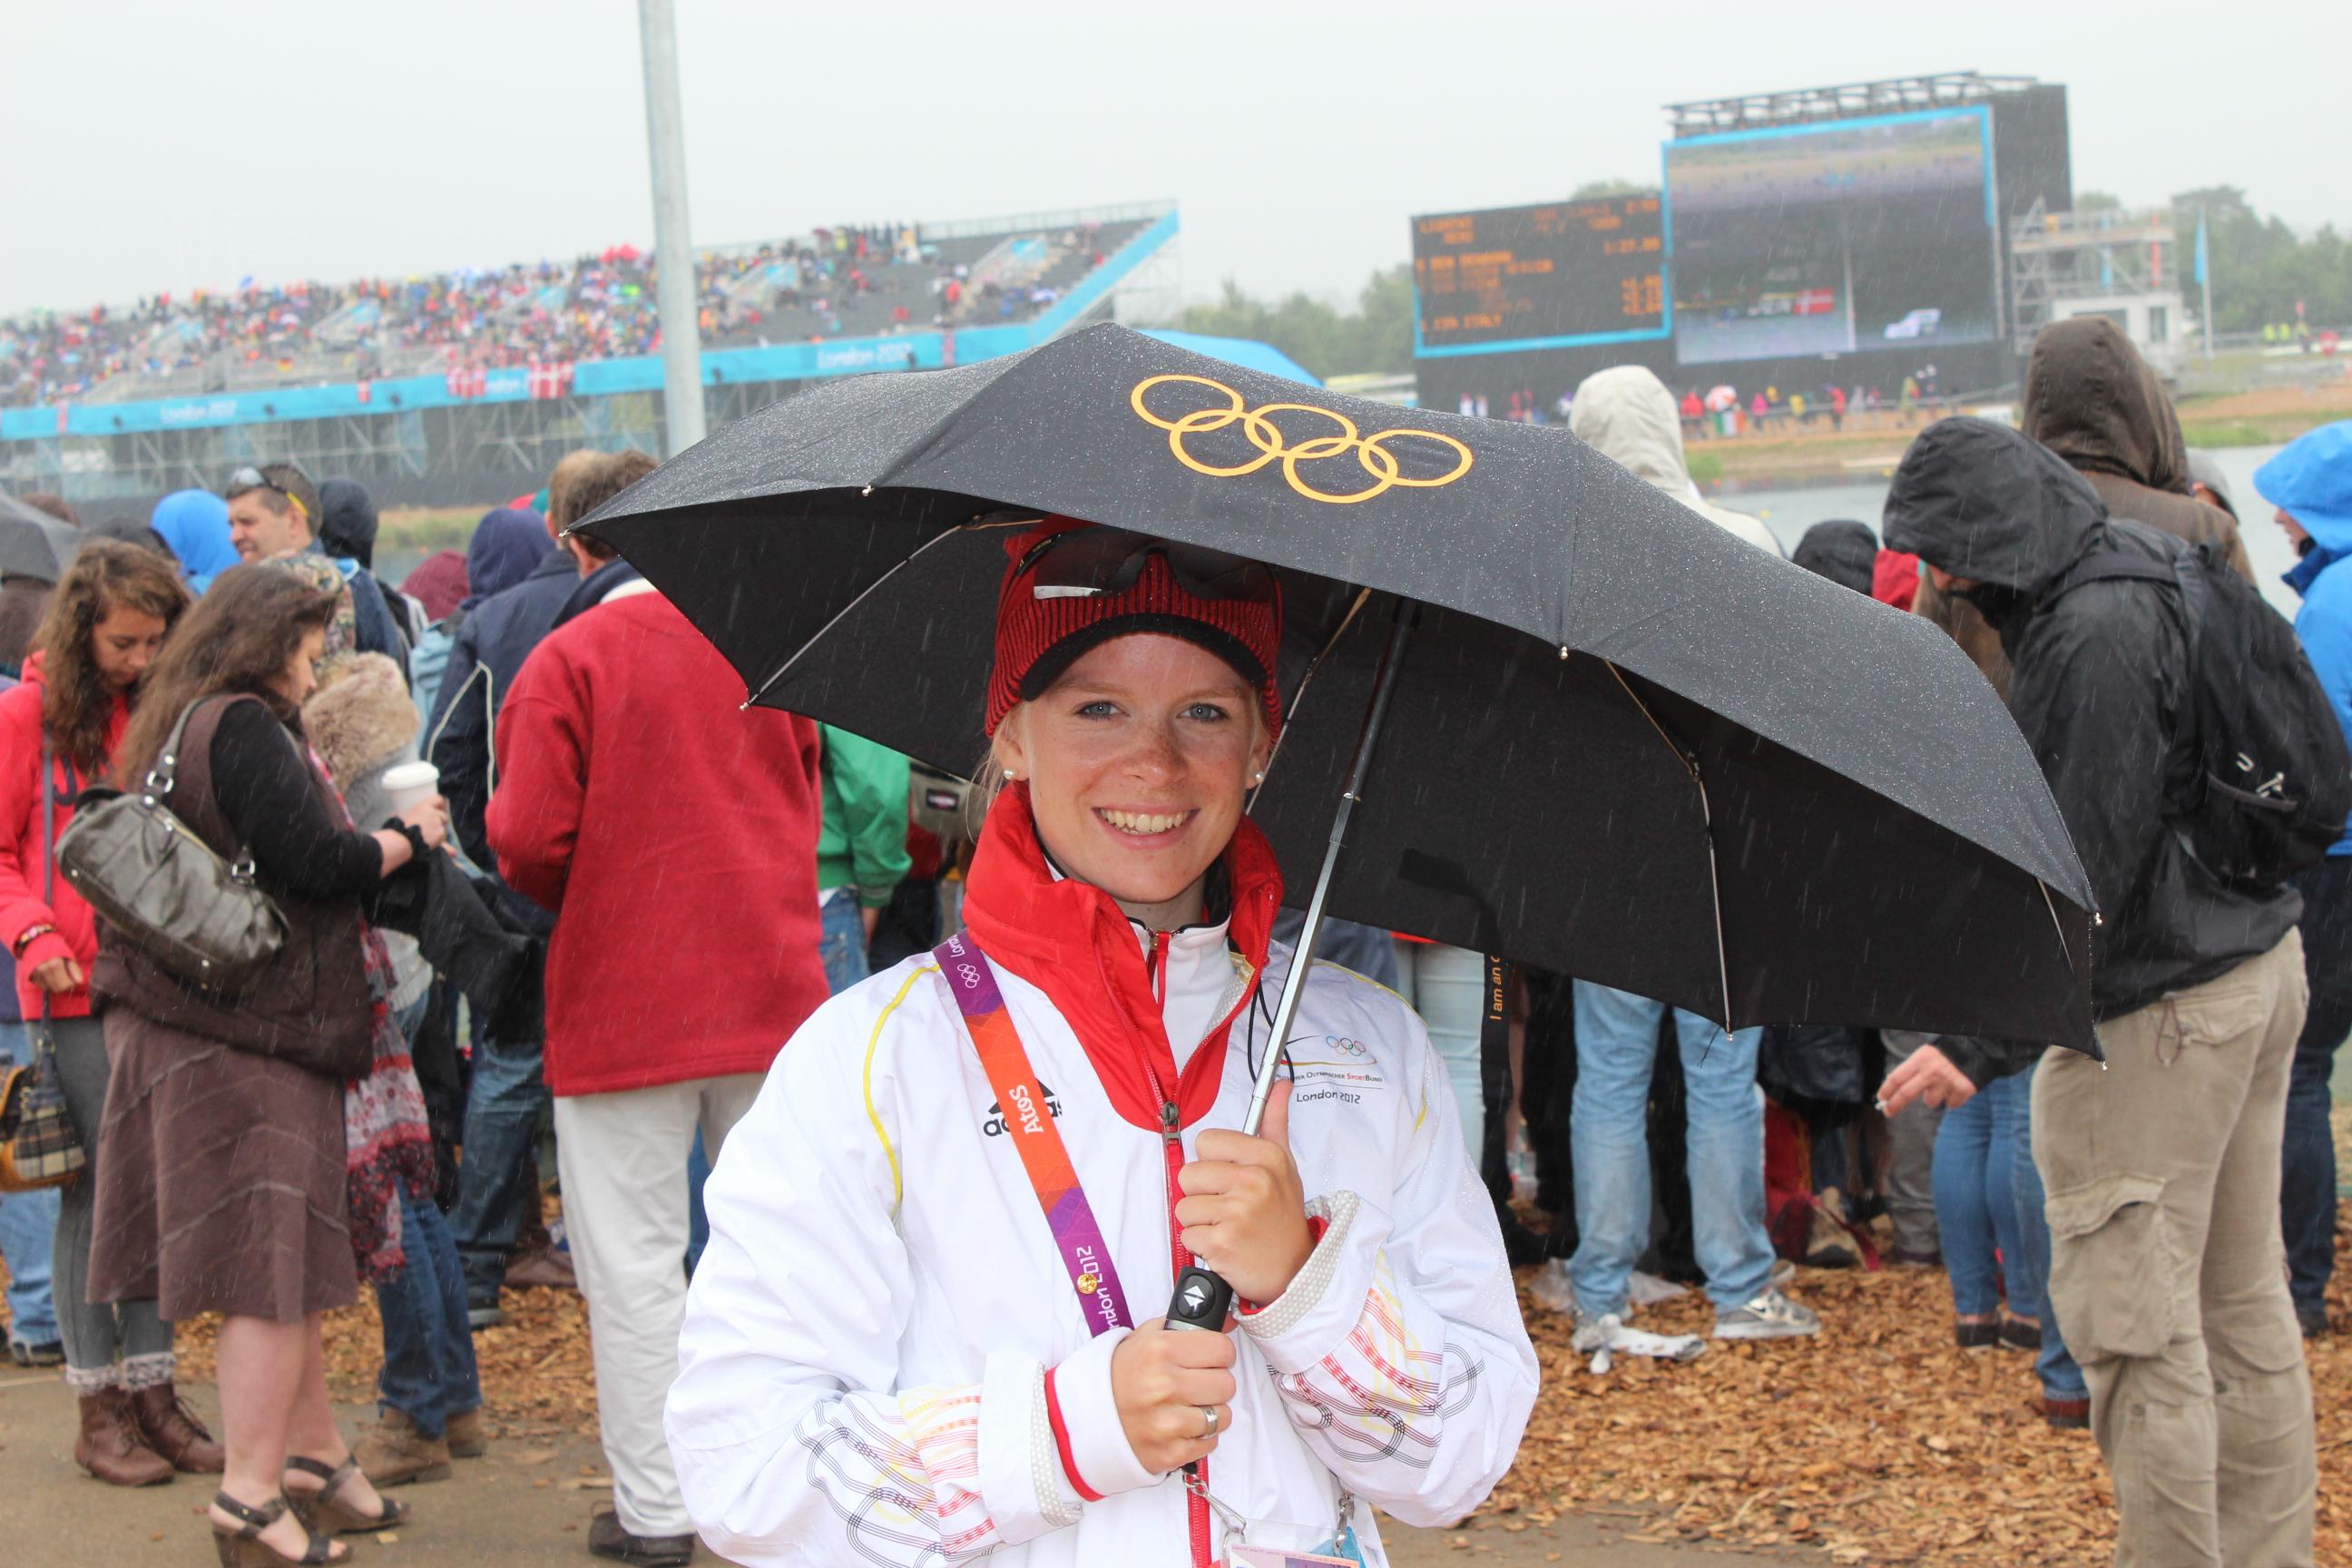 Laura bei den Olympischen Spielen in London